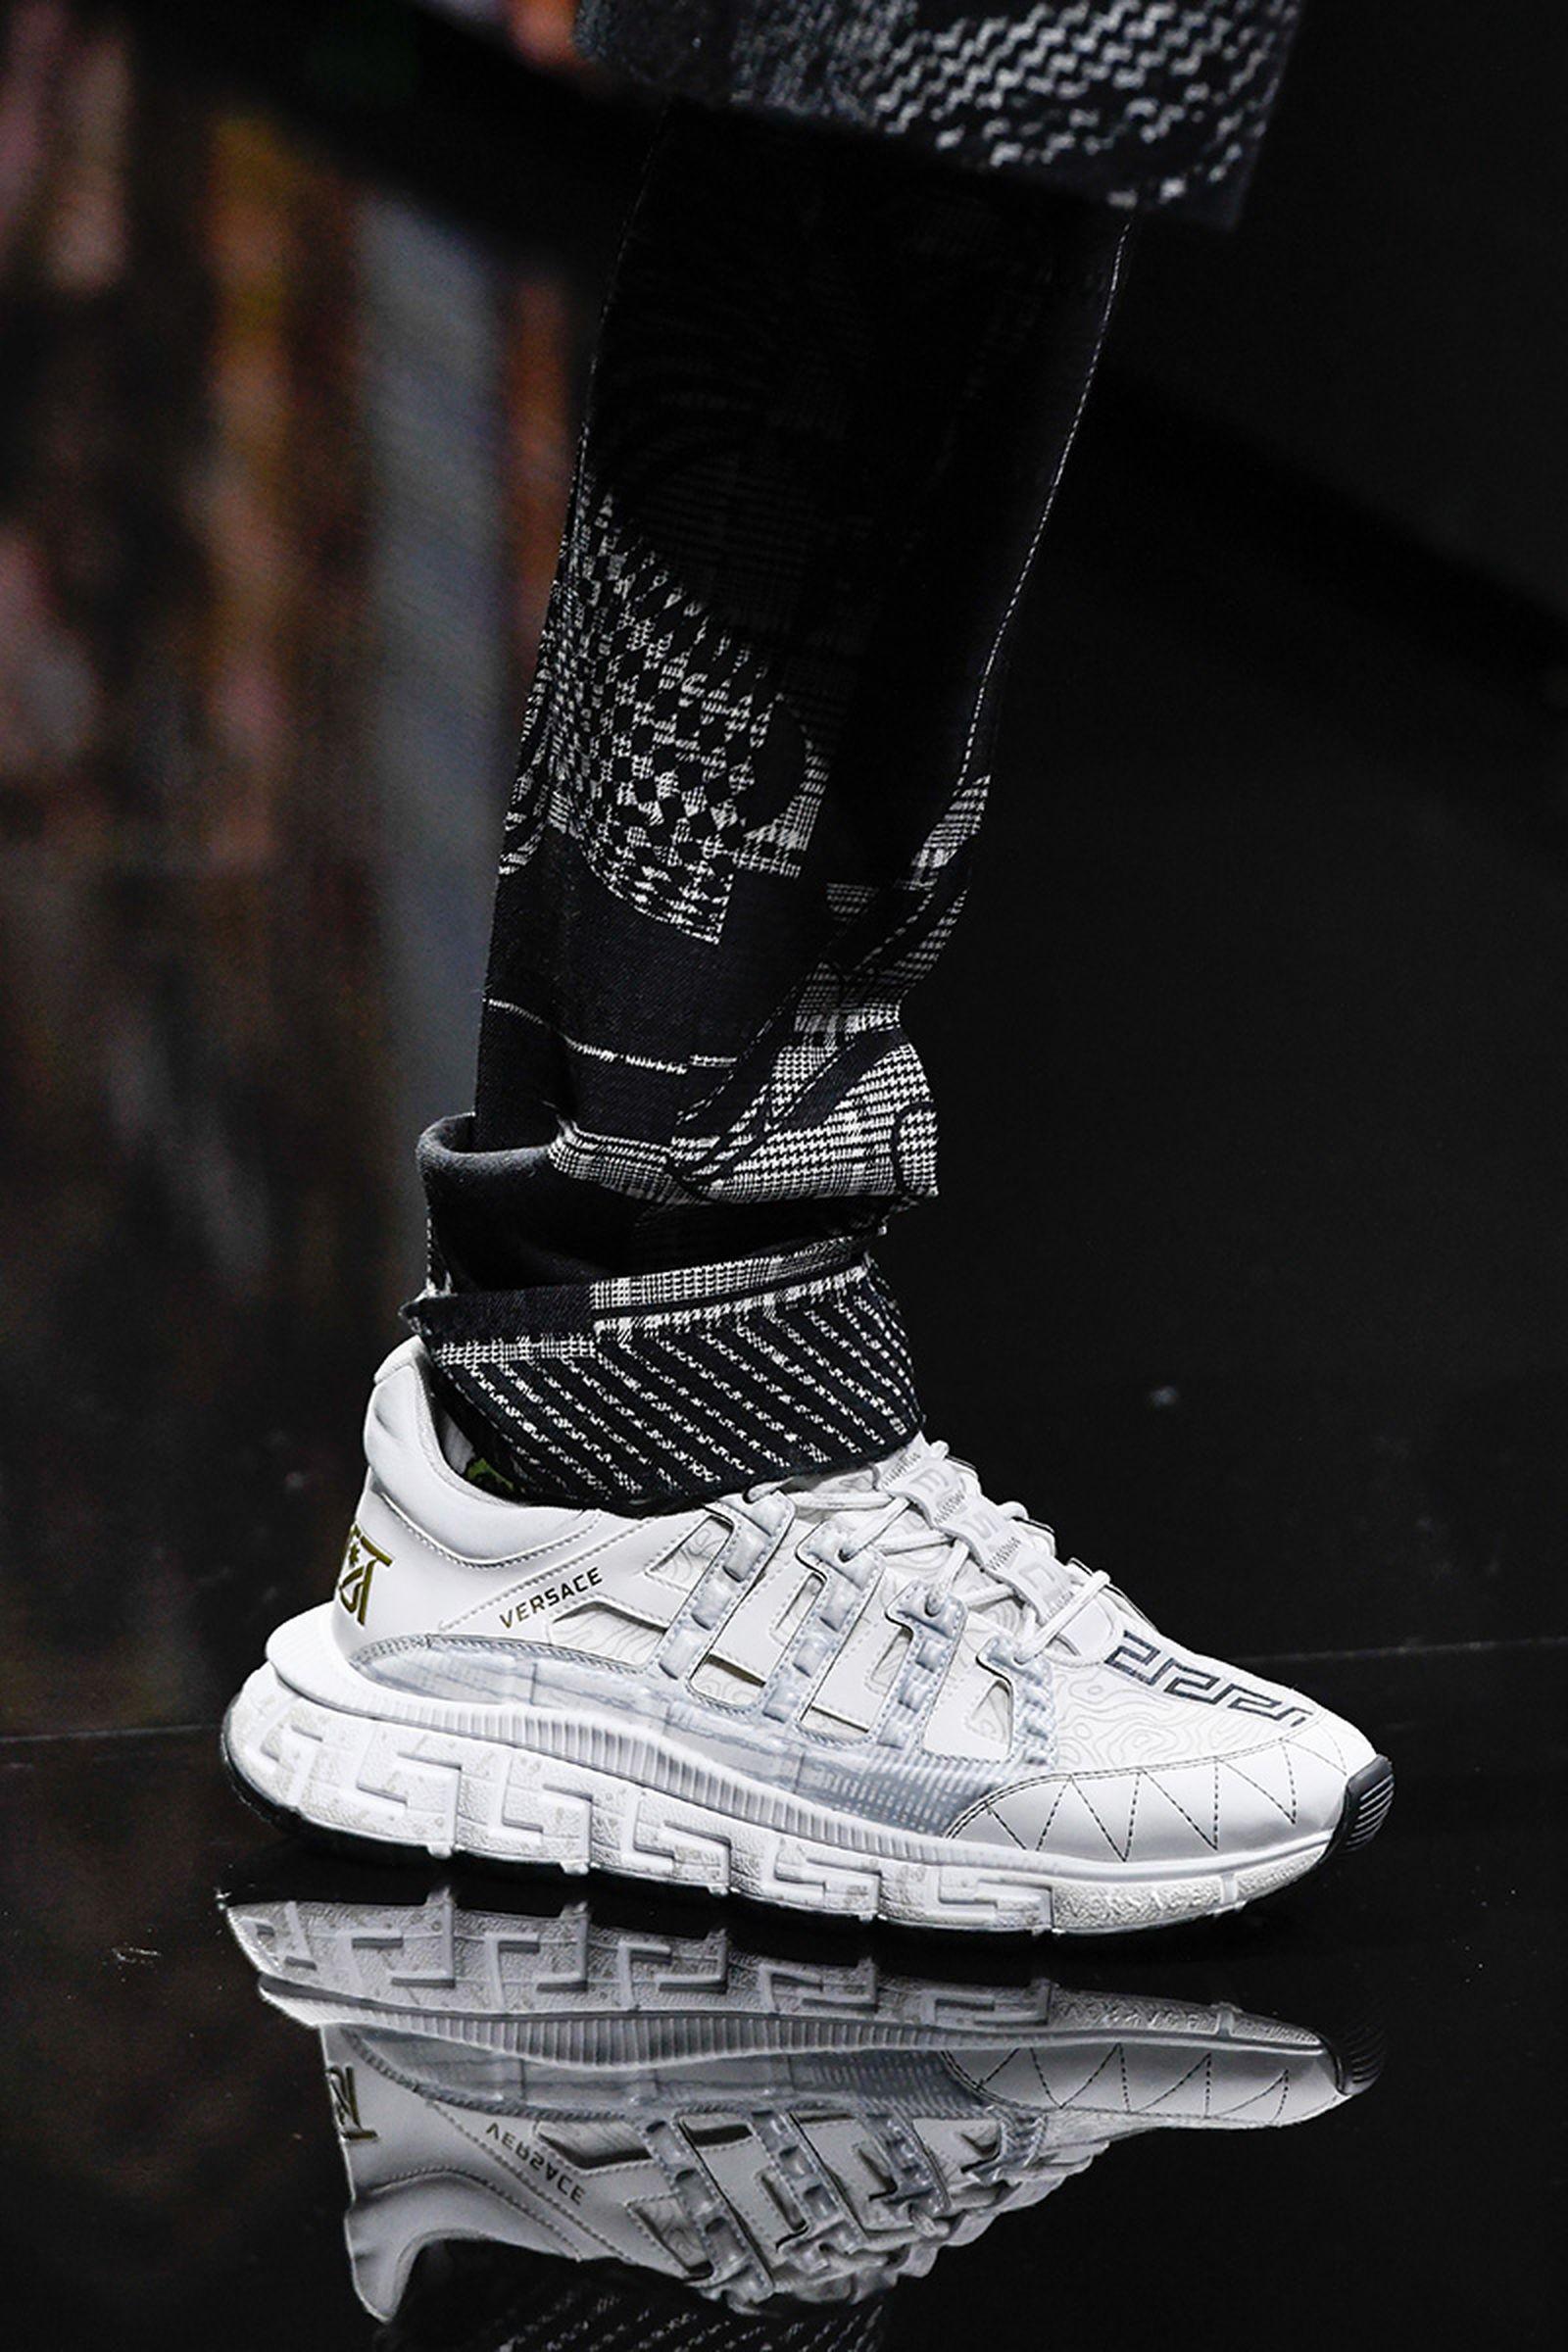 versace-trigreca-sneaker-release-date-price-fw20-03